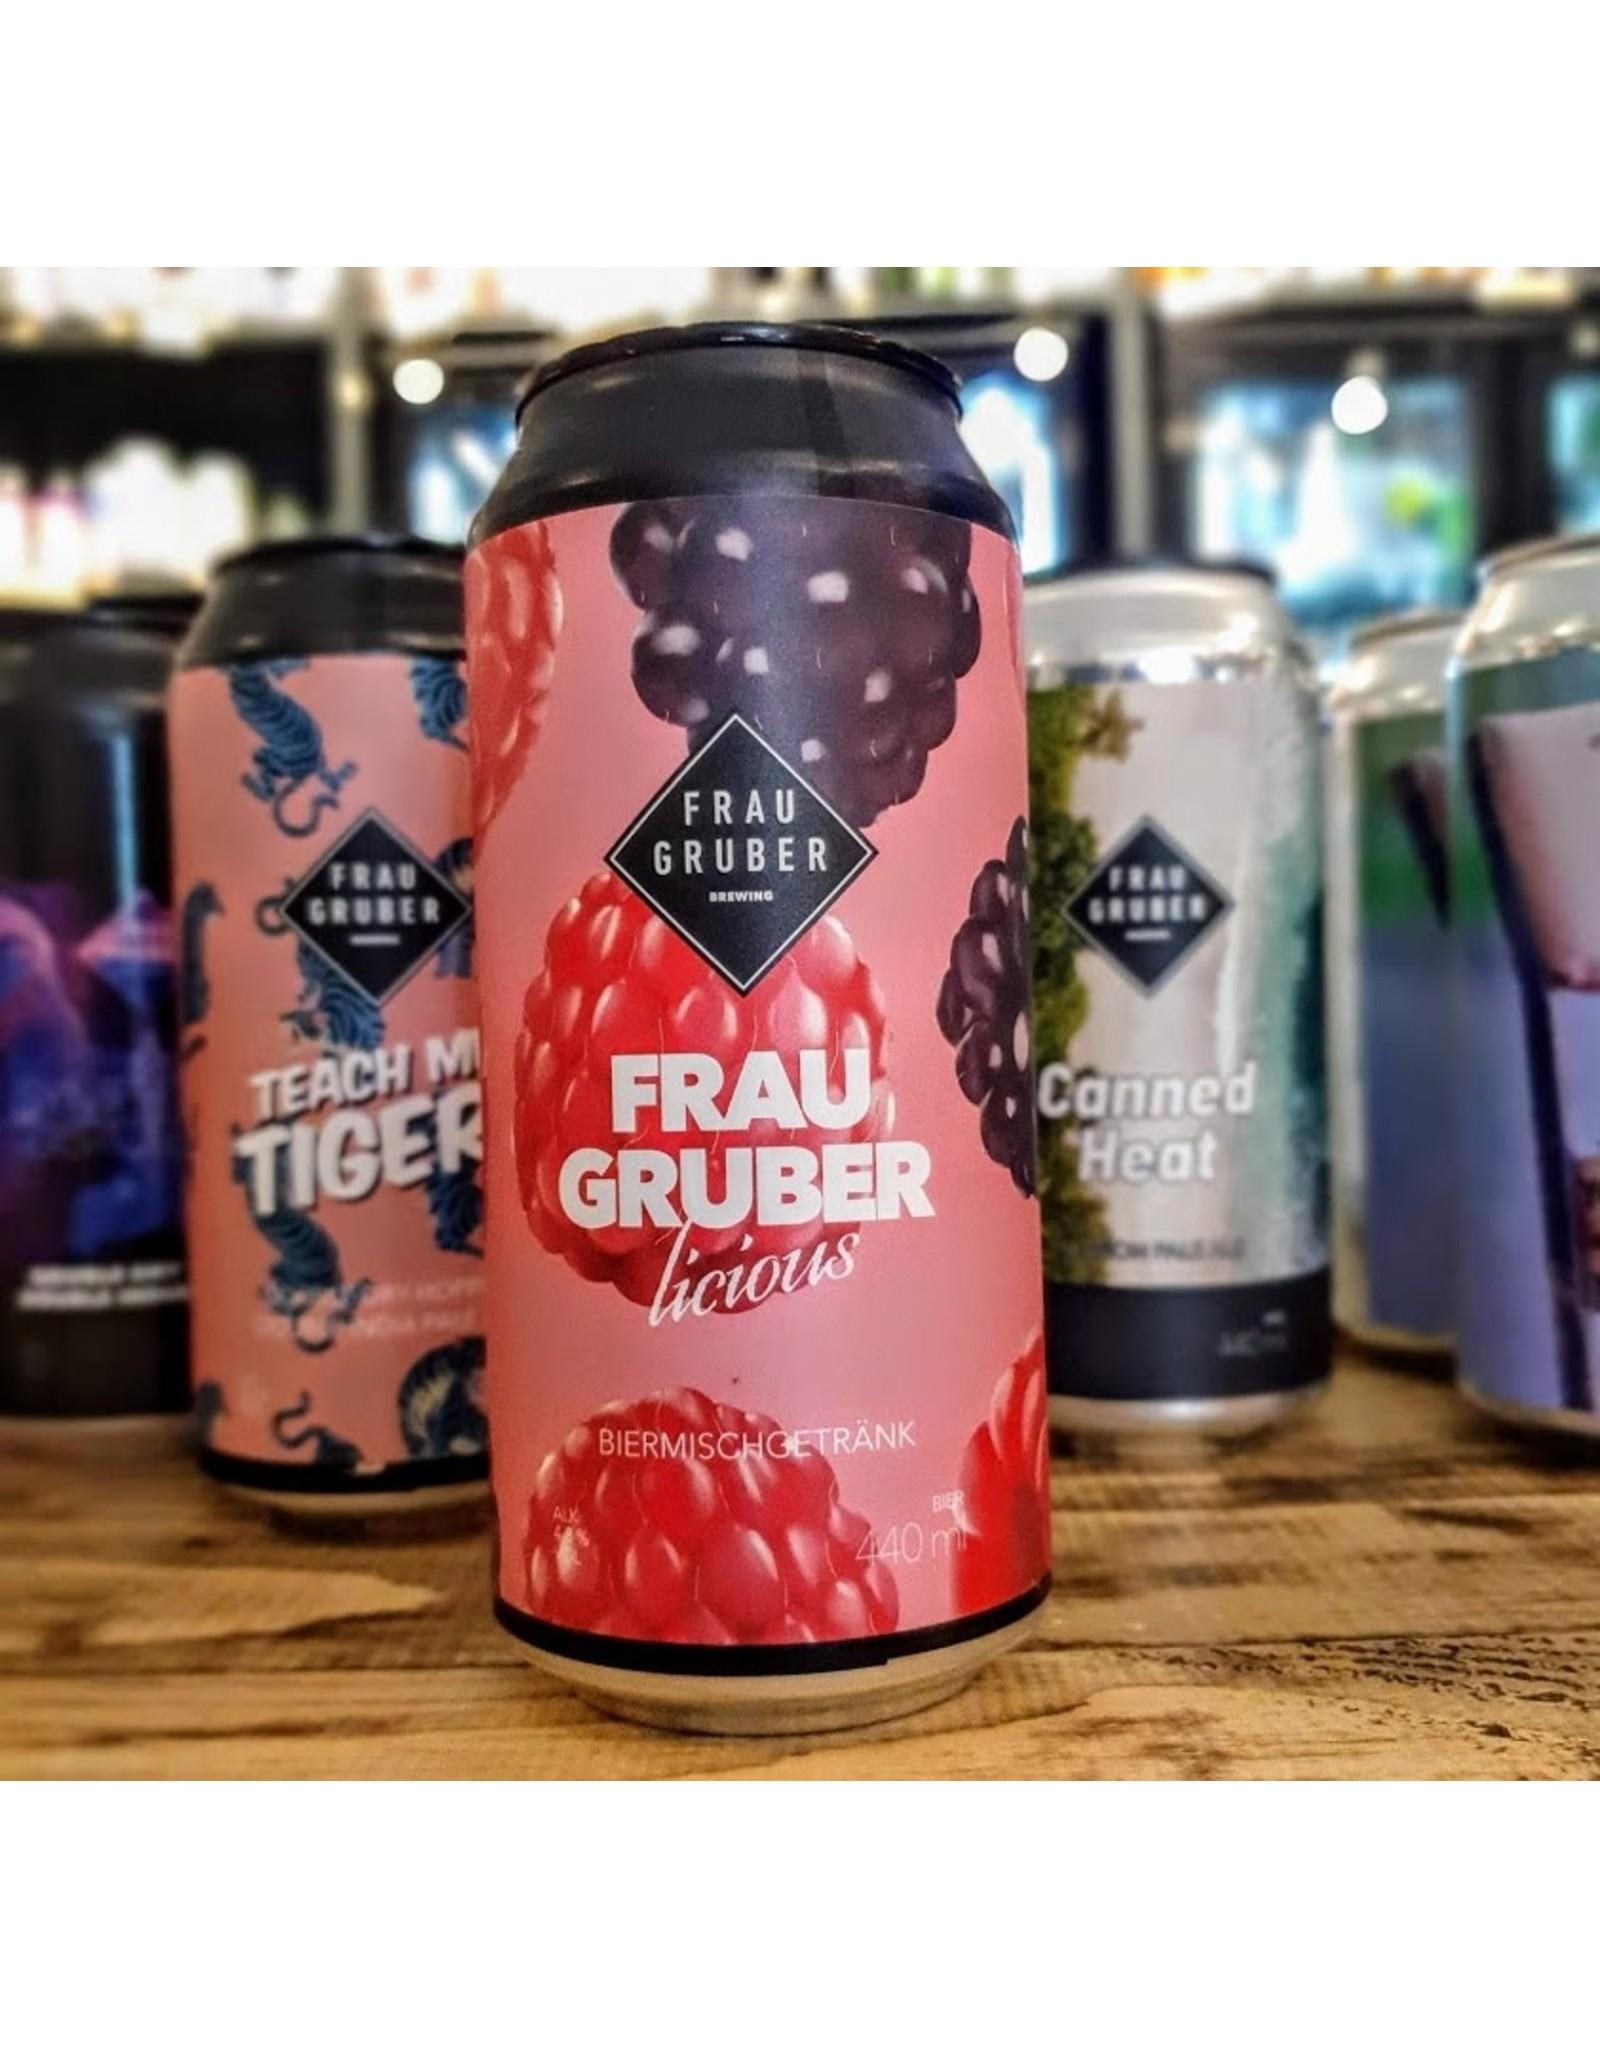 Frau Gruber: FrauGruberlicious